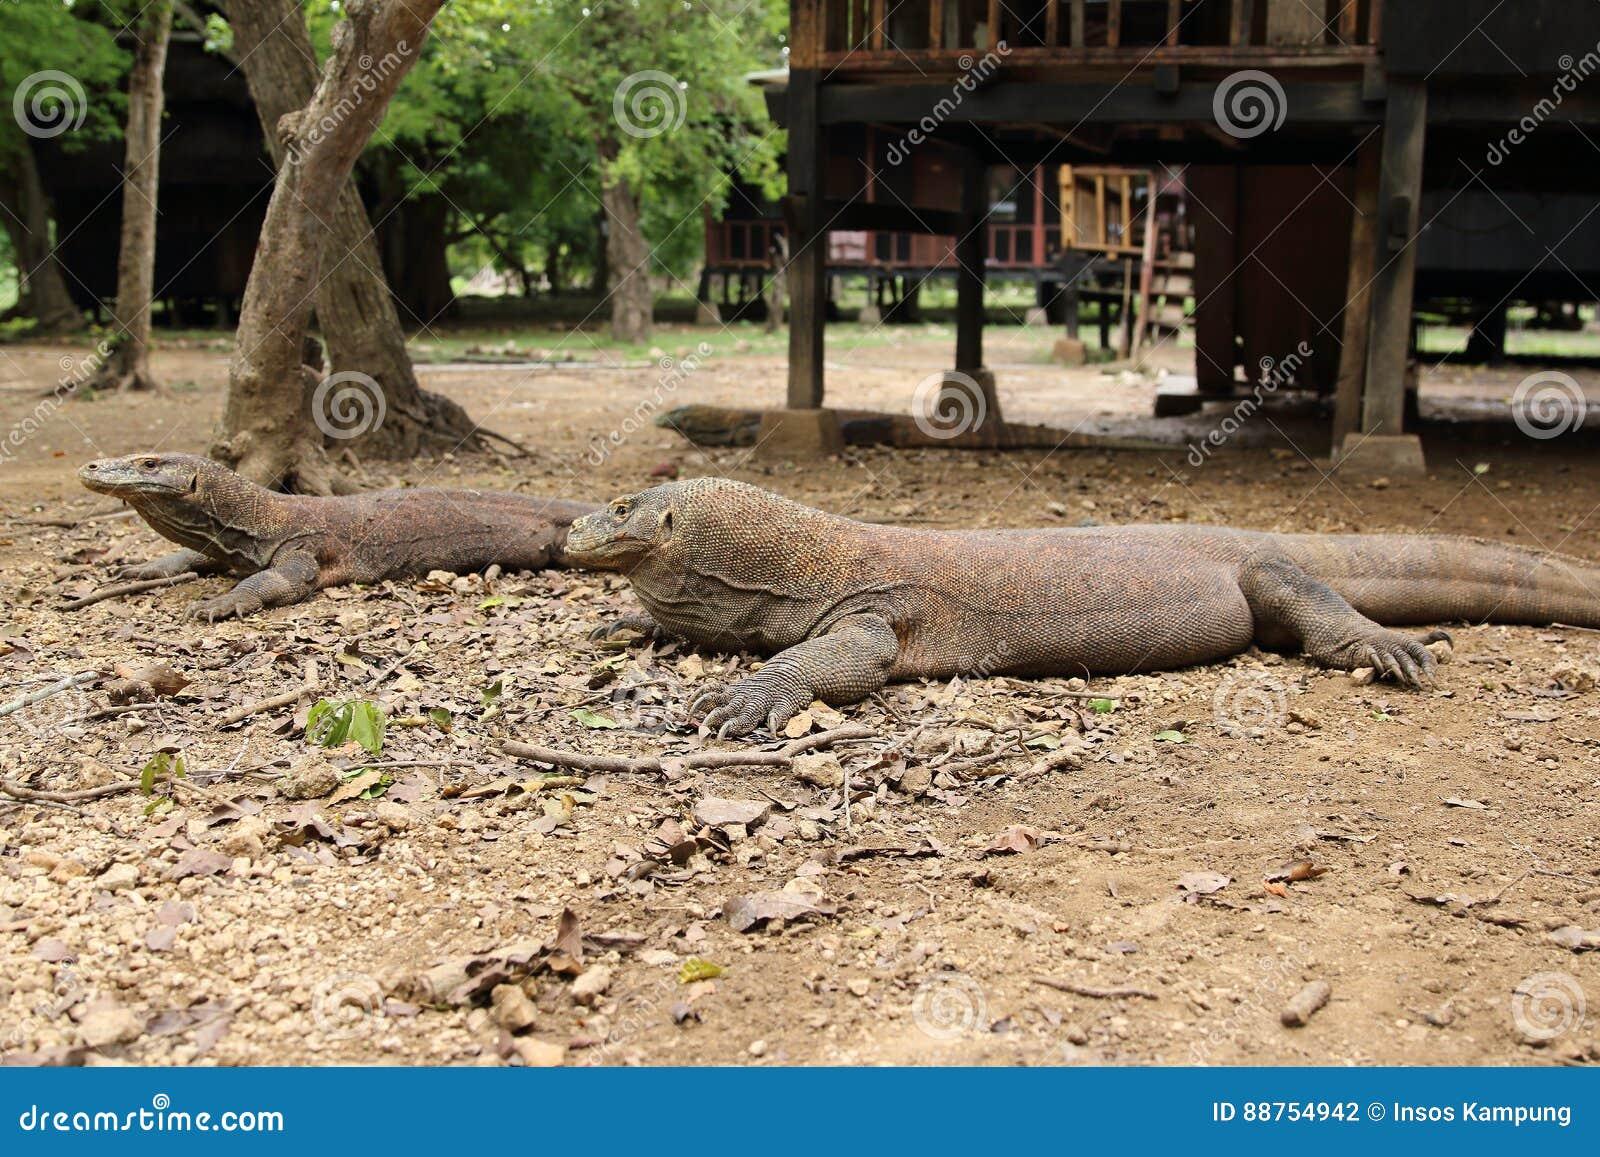 Komodo Dragon, Loh Buaya Rinca Island